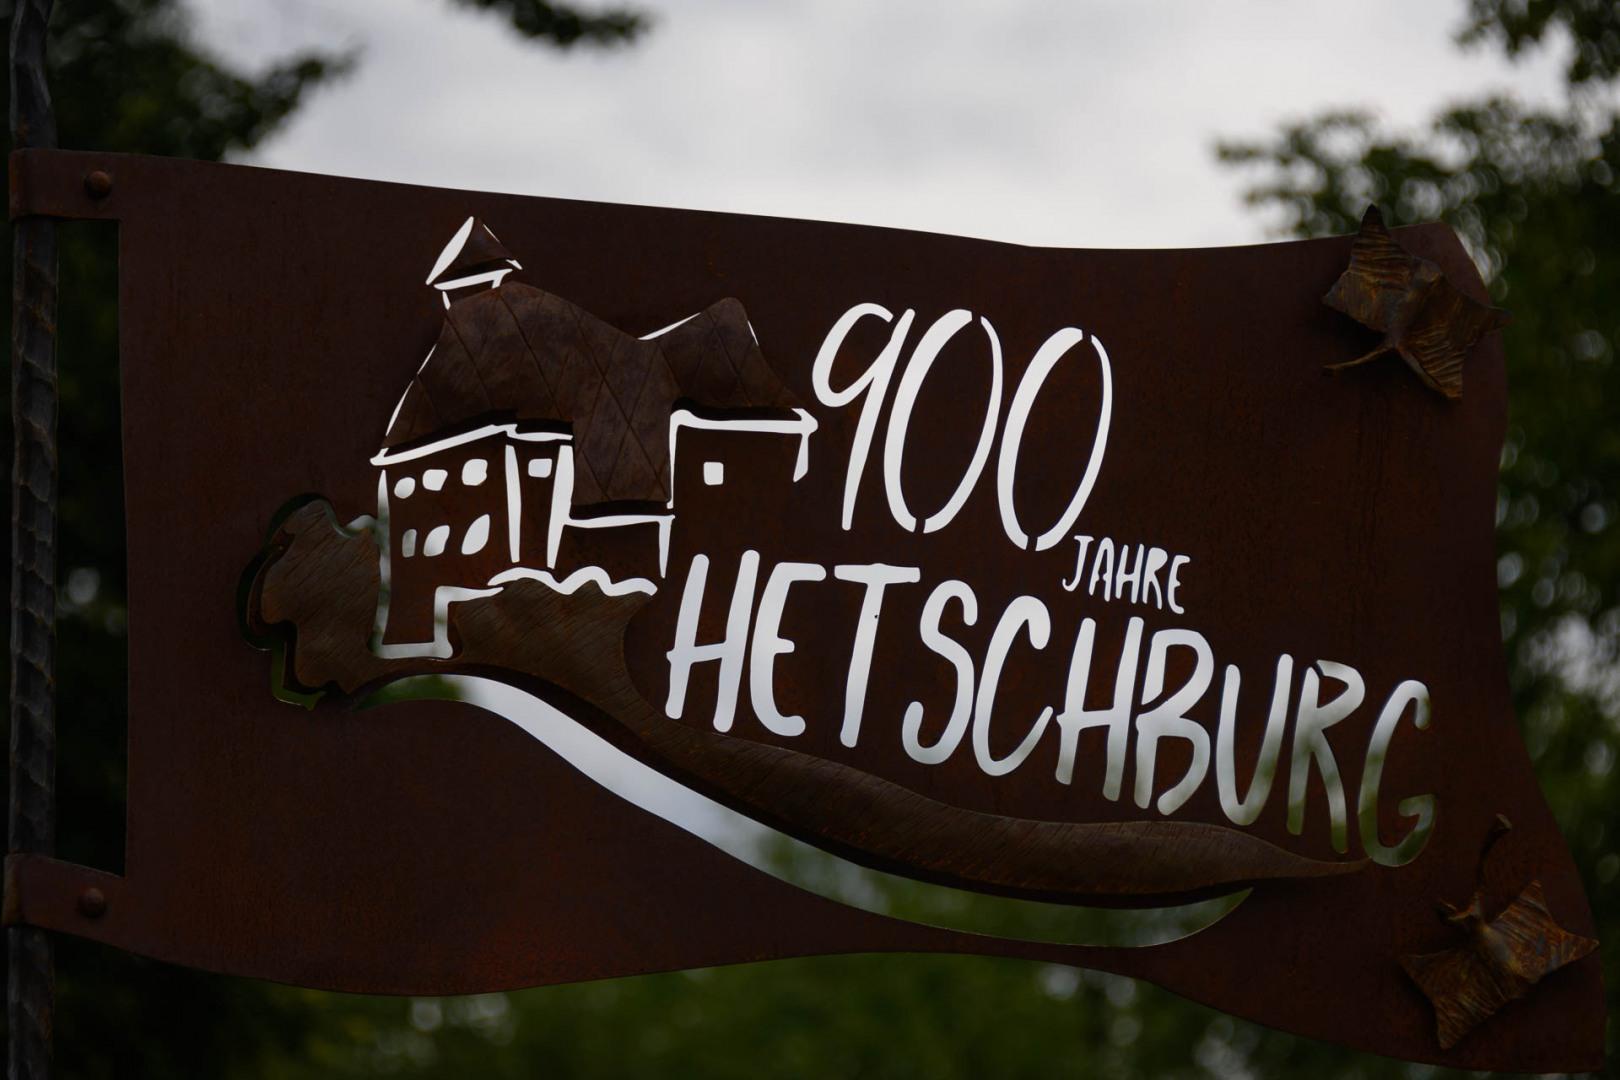 900 Jahre Hetschburg